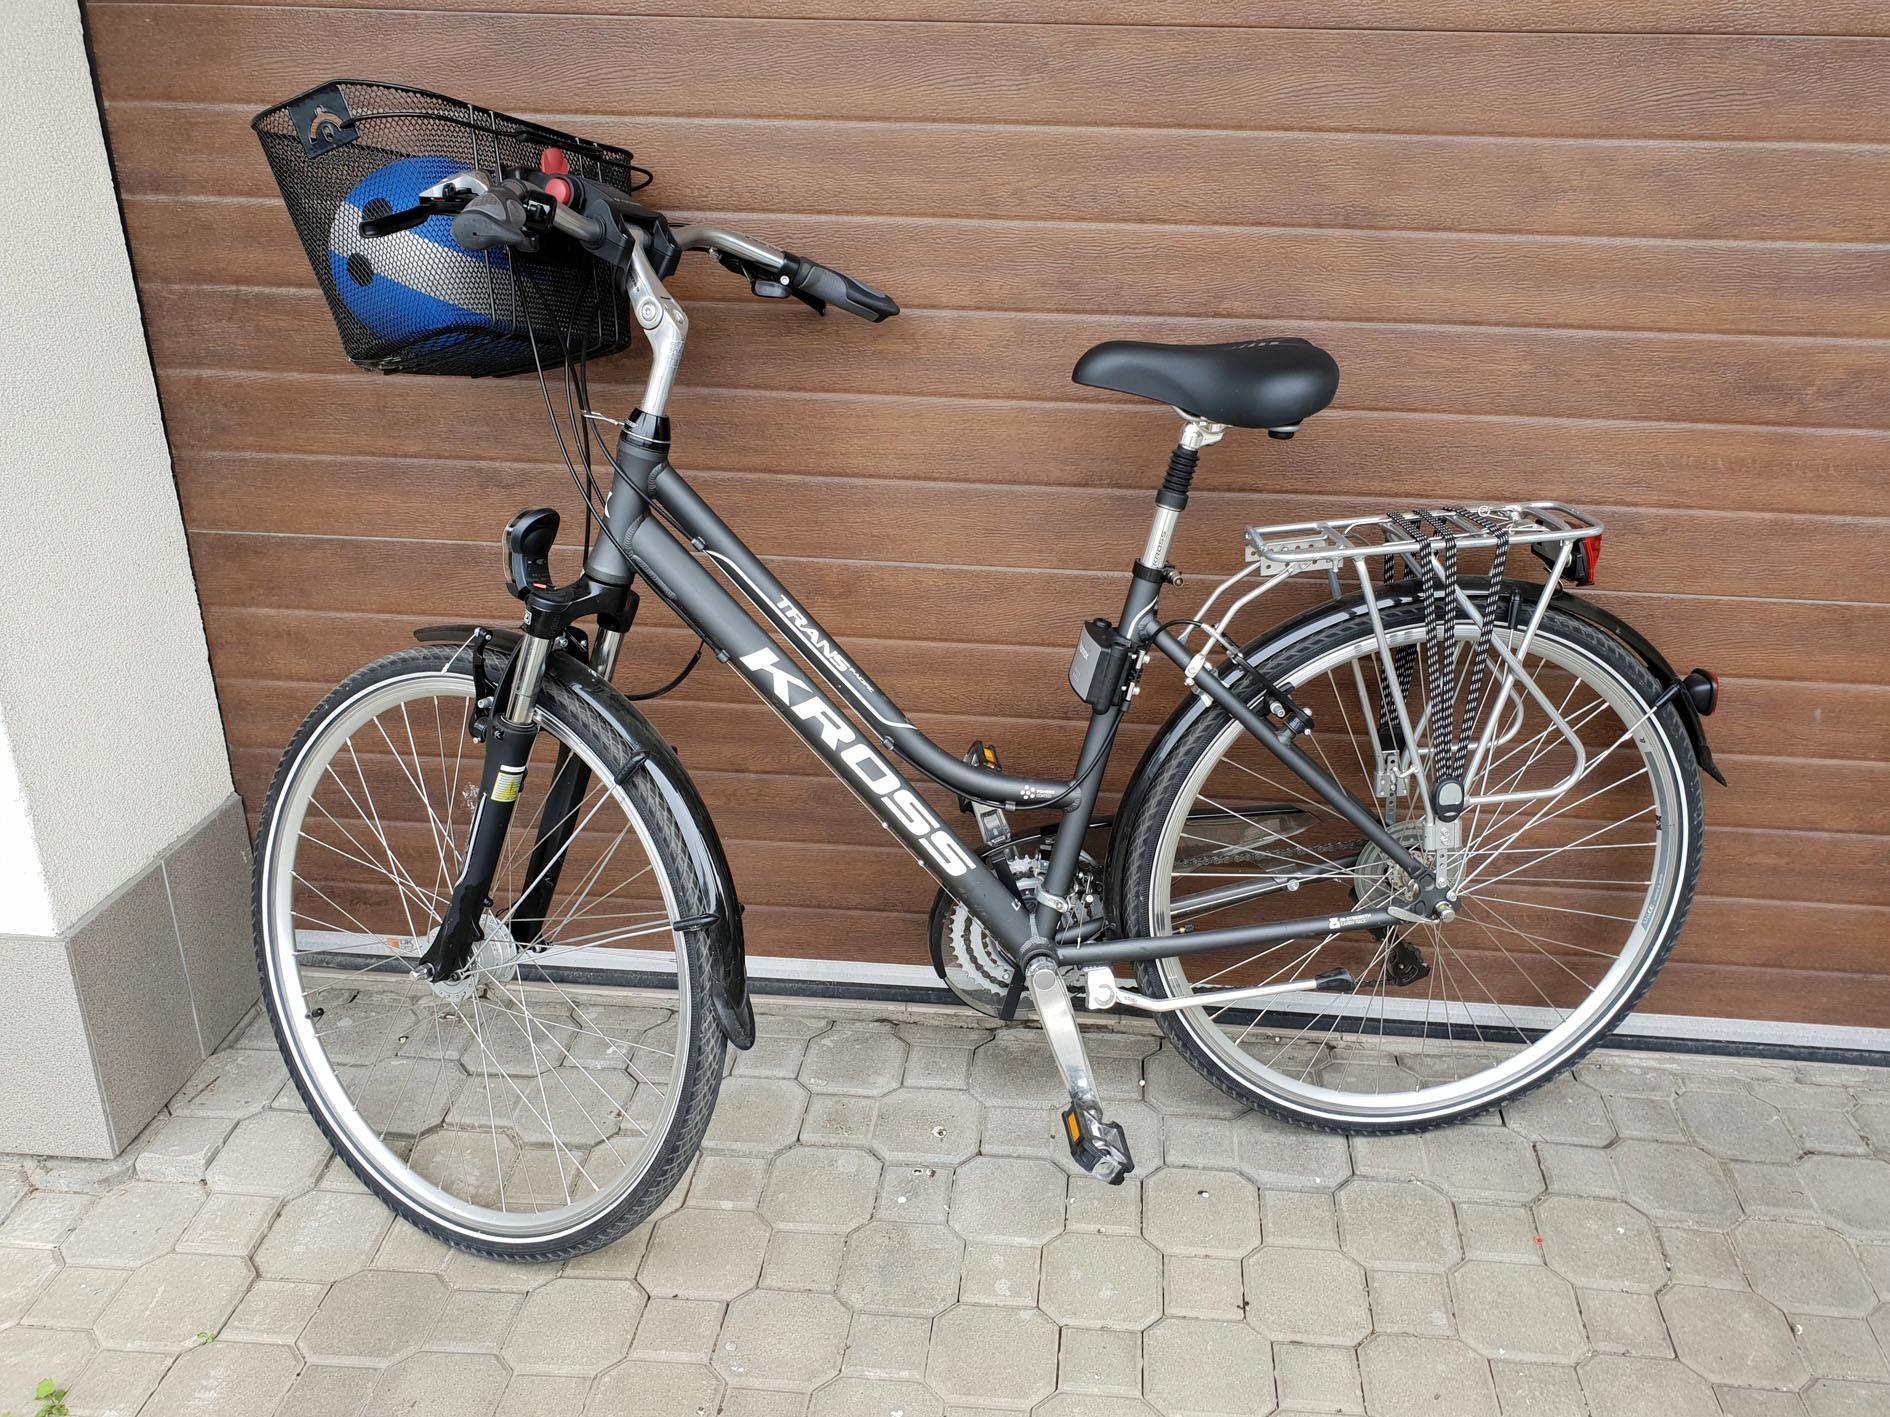 OKAZJA KROSS TRANS PACIFIC, 17 kg, 21 biegów